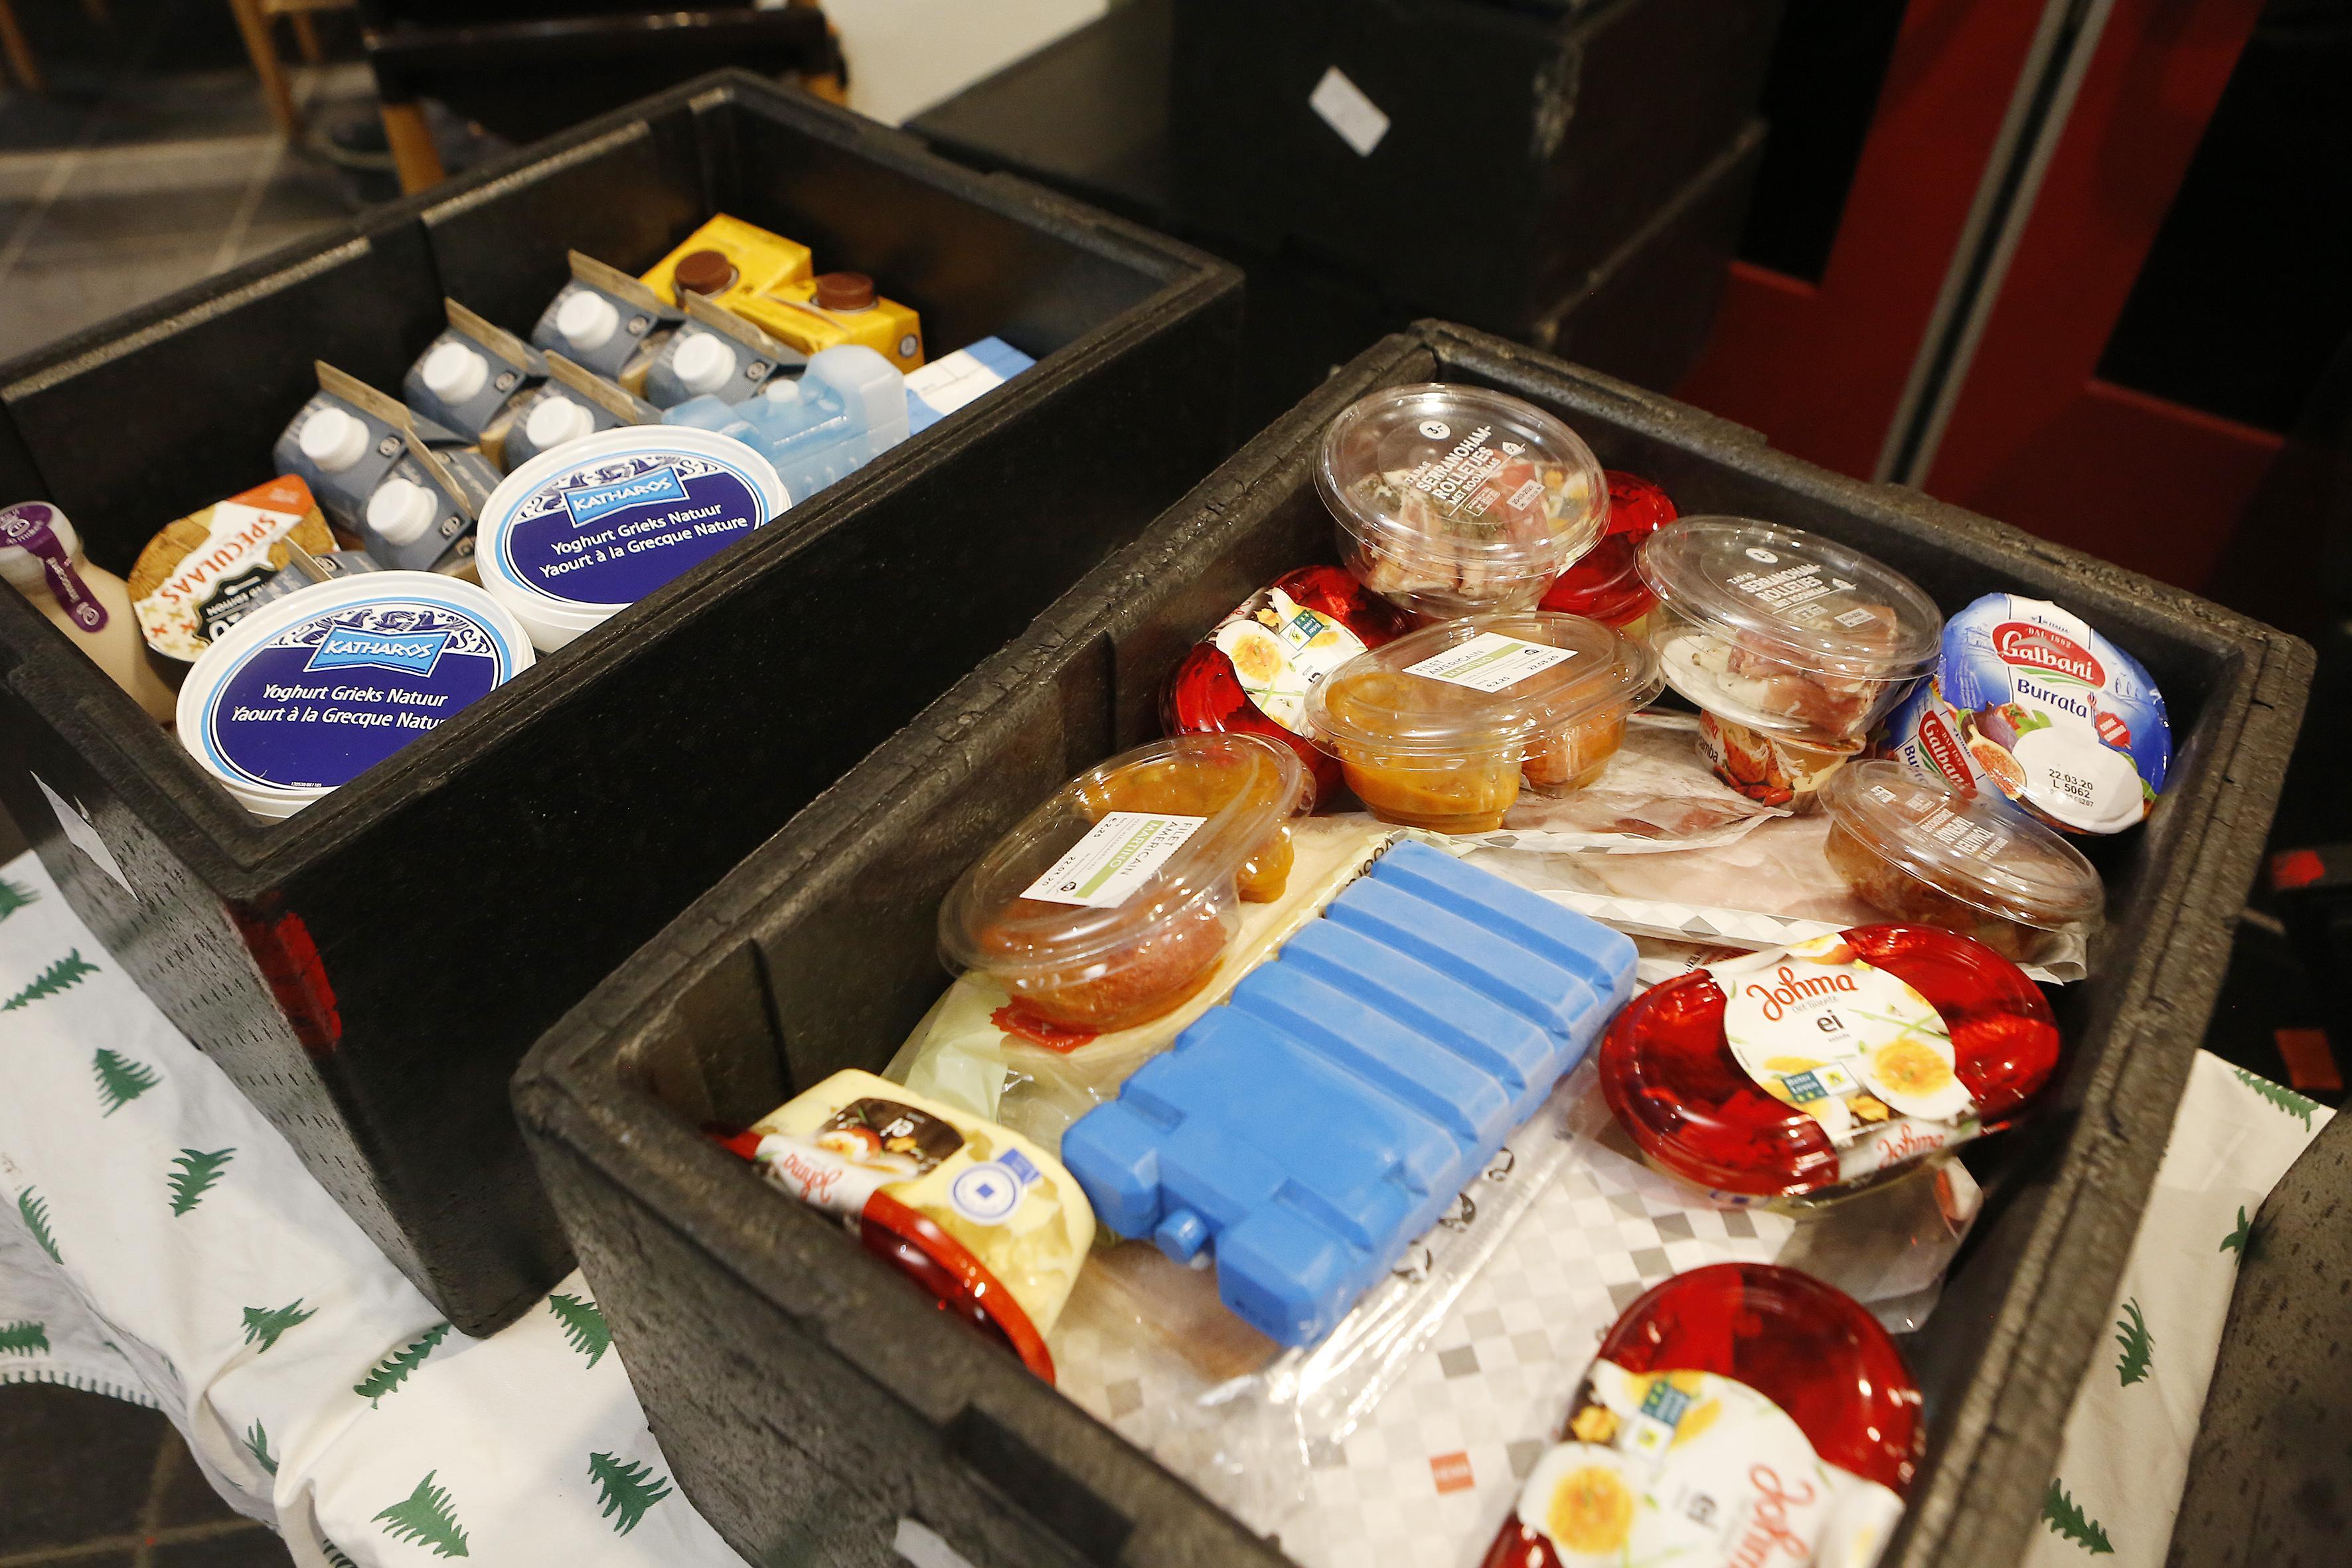 Liever honger dan naar de Gooise Voedselbank; 'Huishoudens met financiële problemen blijven te vaak weg uit schaamte en onwetendheid'